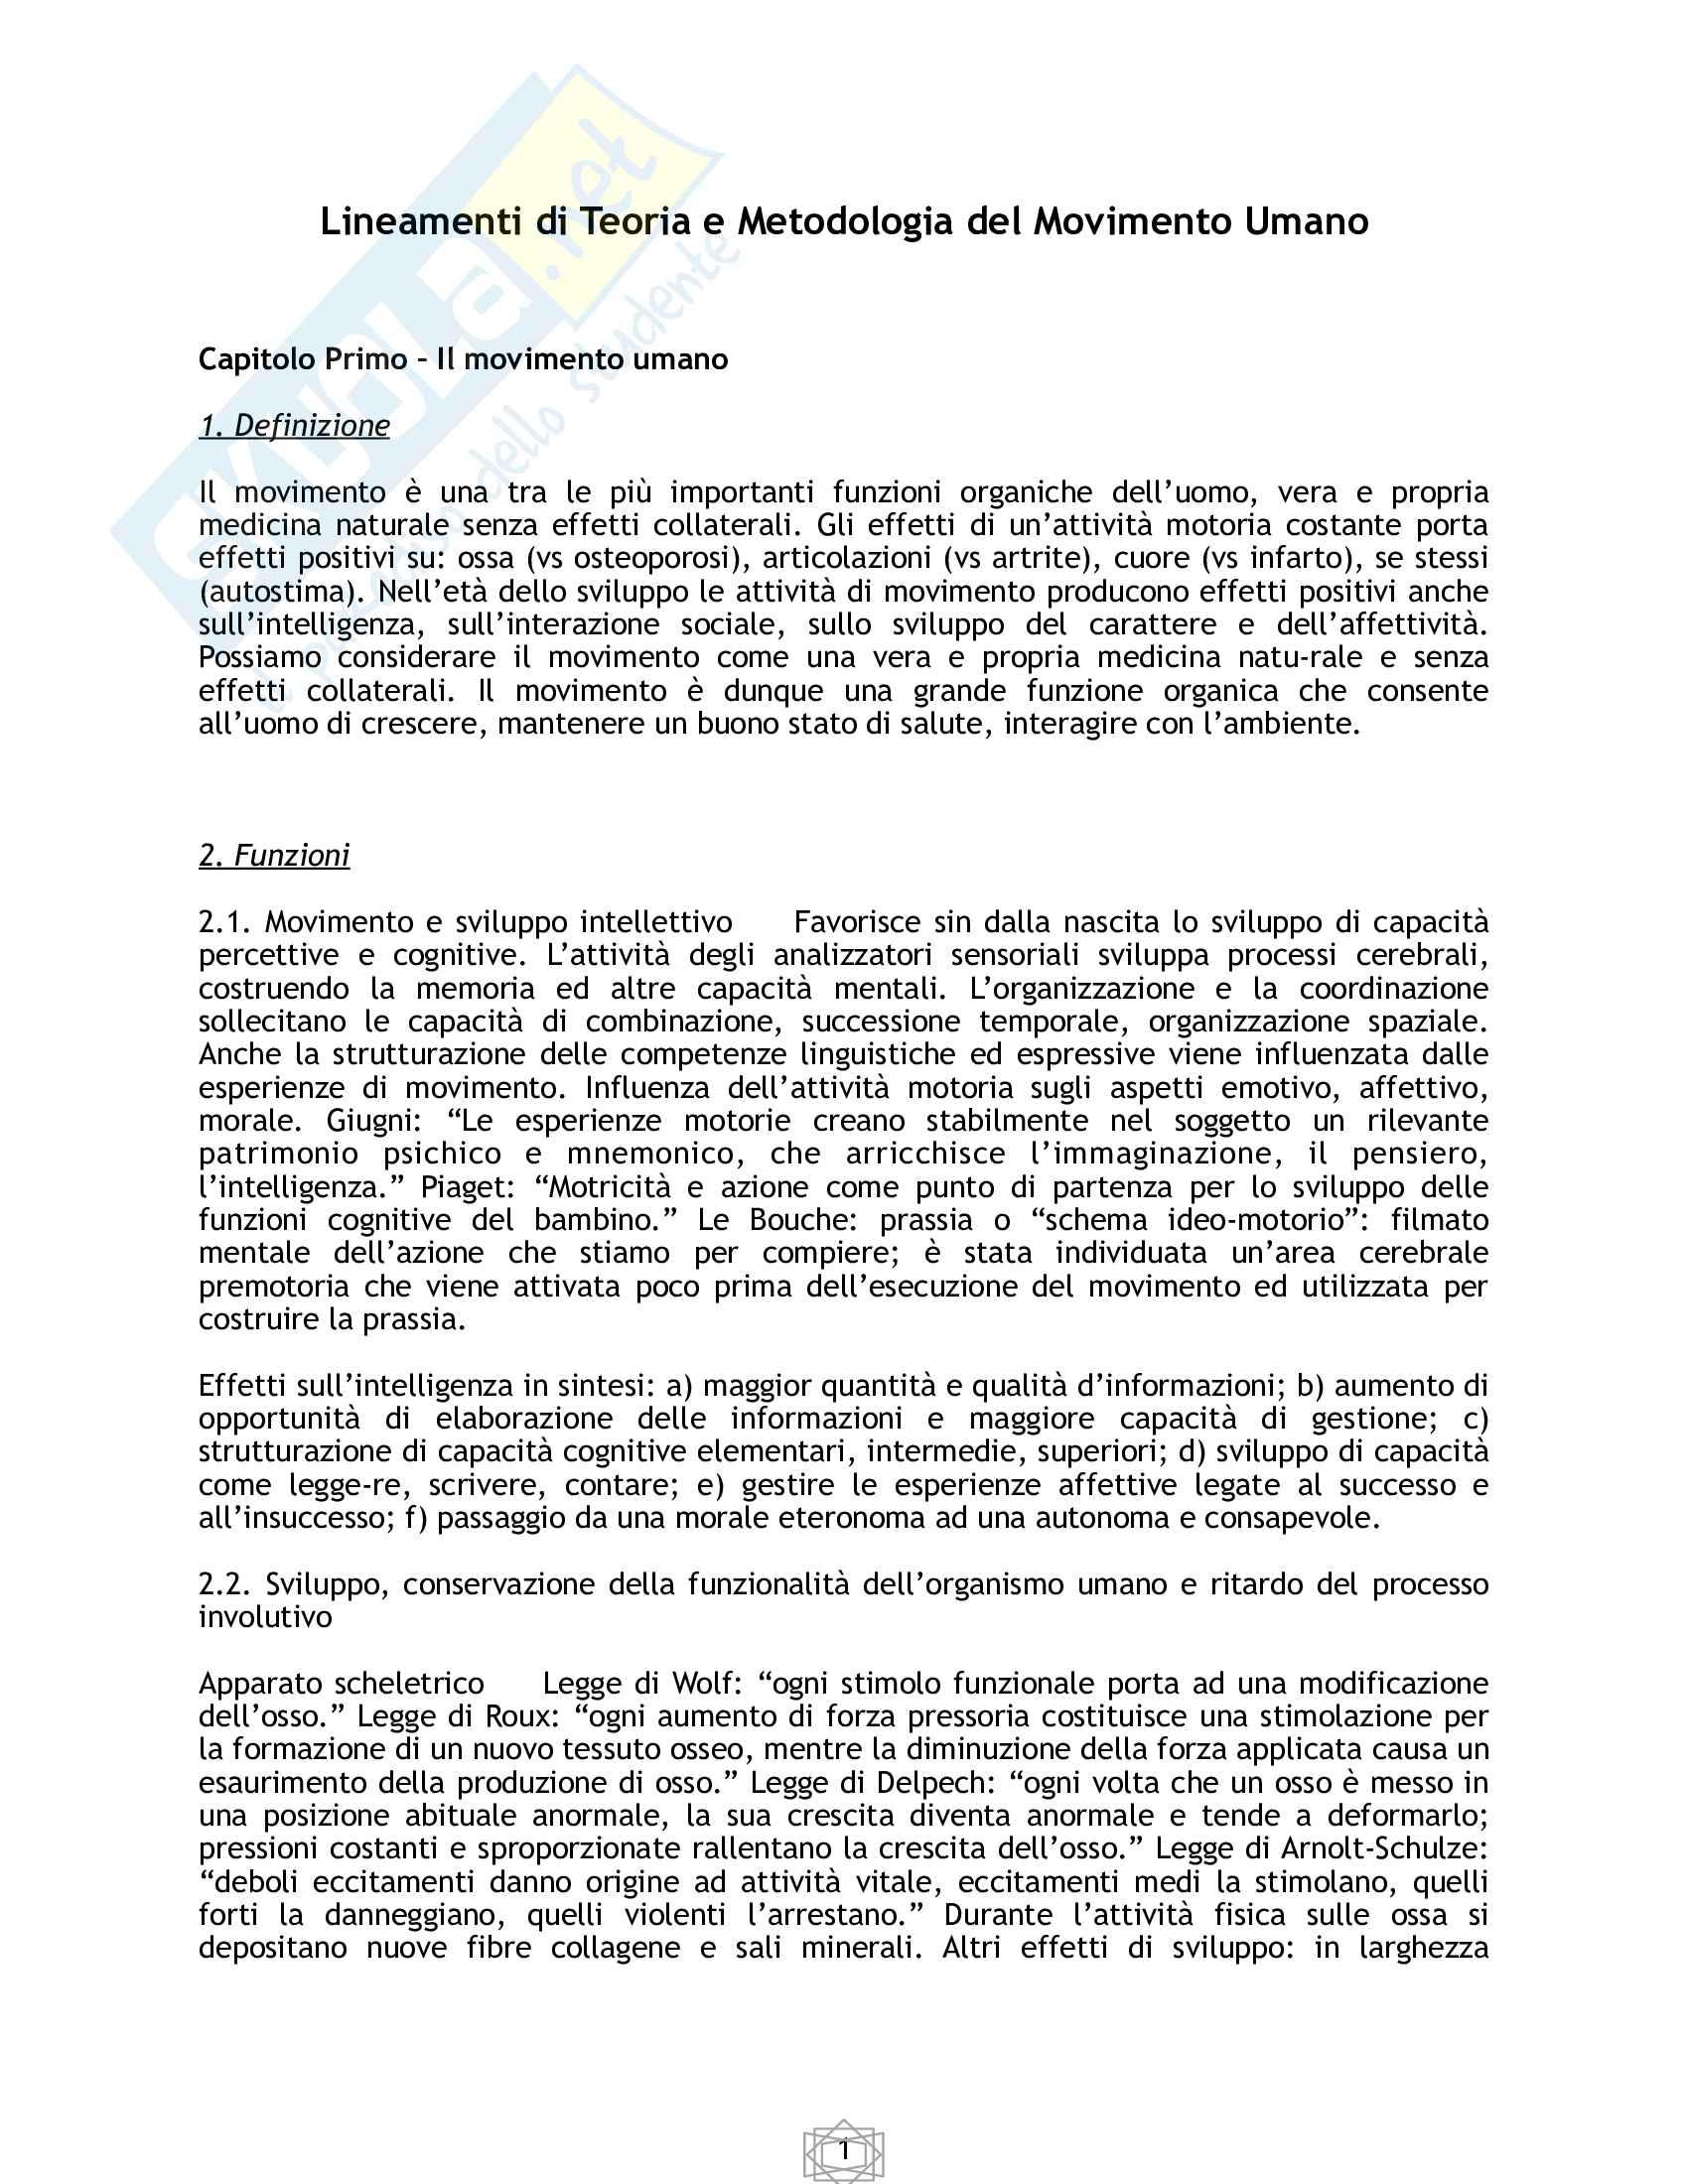 Appunti lineamenti di Teoria e Metodologia del Movimento Umano